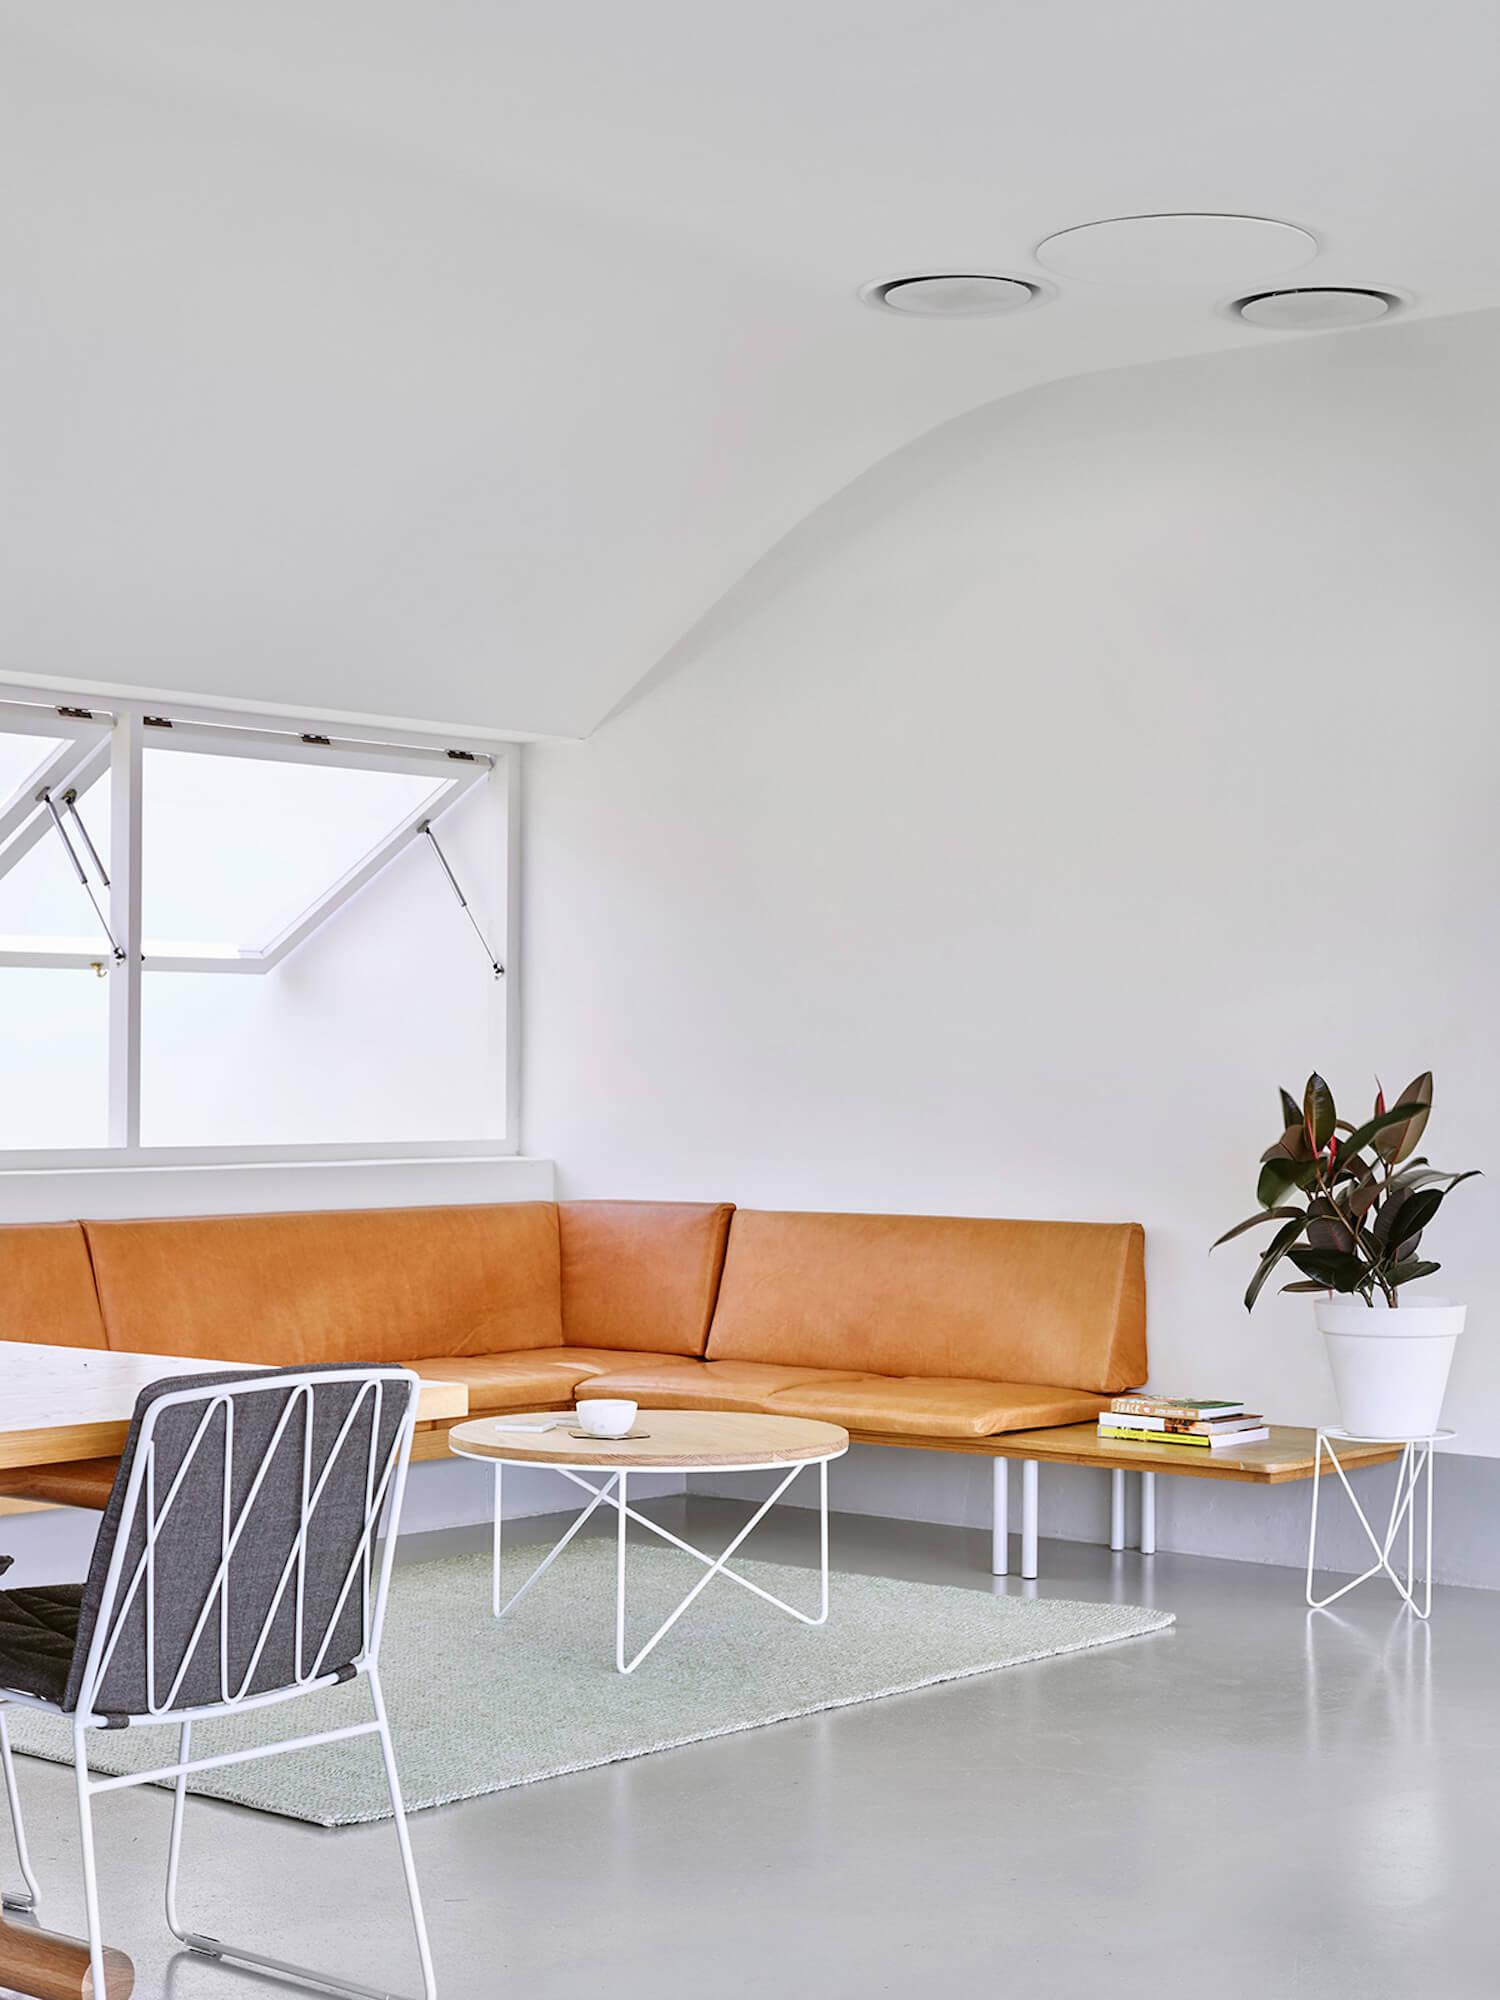 est living rosalie house owen architecture 7